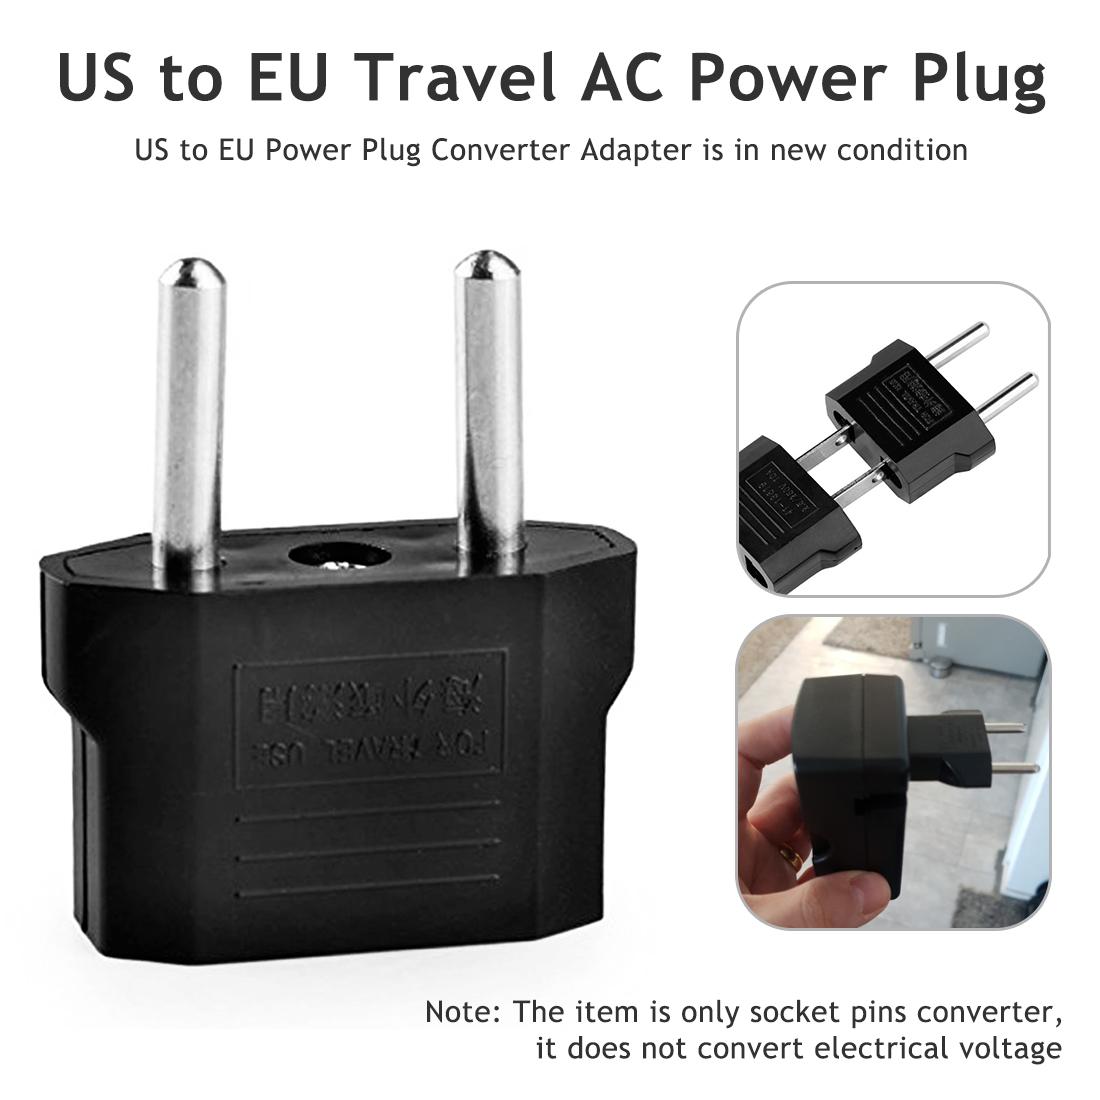 Adaptateur de prise ue européenne | Prise US américaine vers l'europe, adaptateur de voyage, prise de sortie, convertisseur de prise